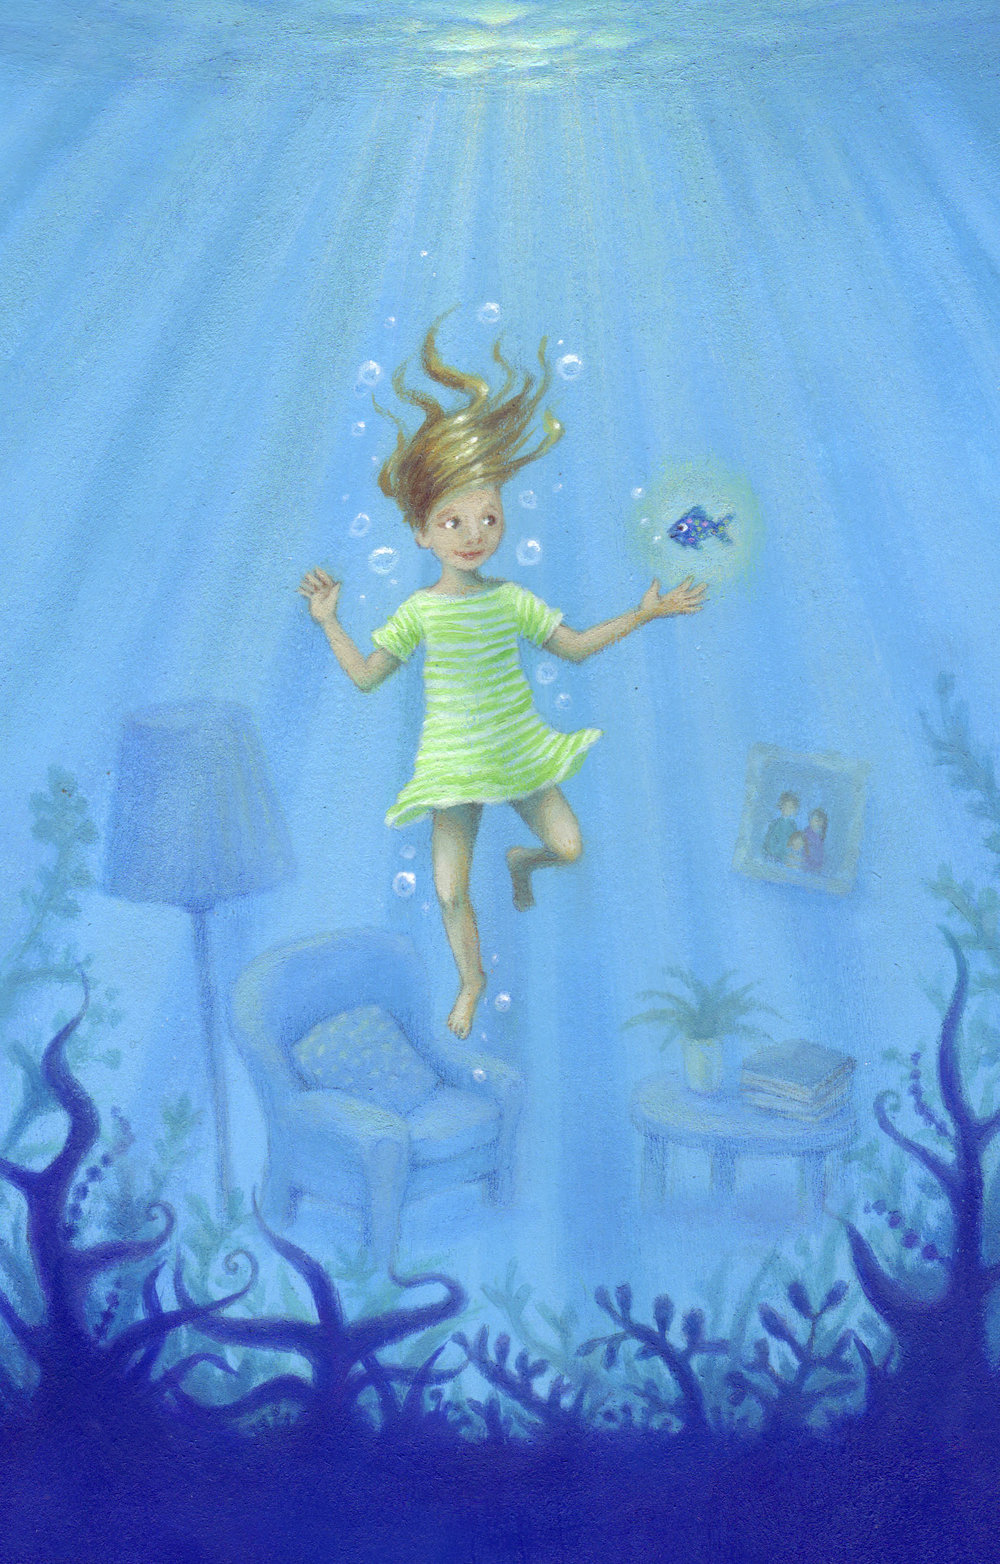 Original SeaHouse cover art.